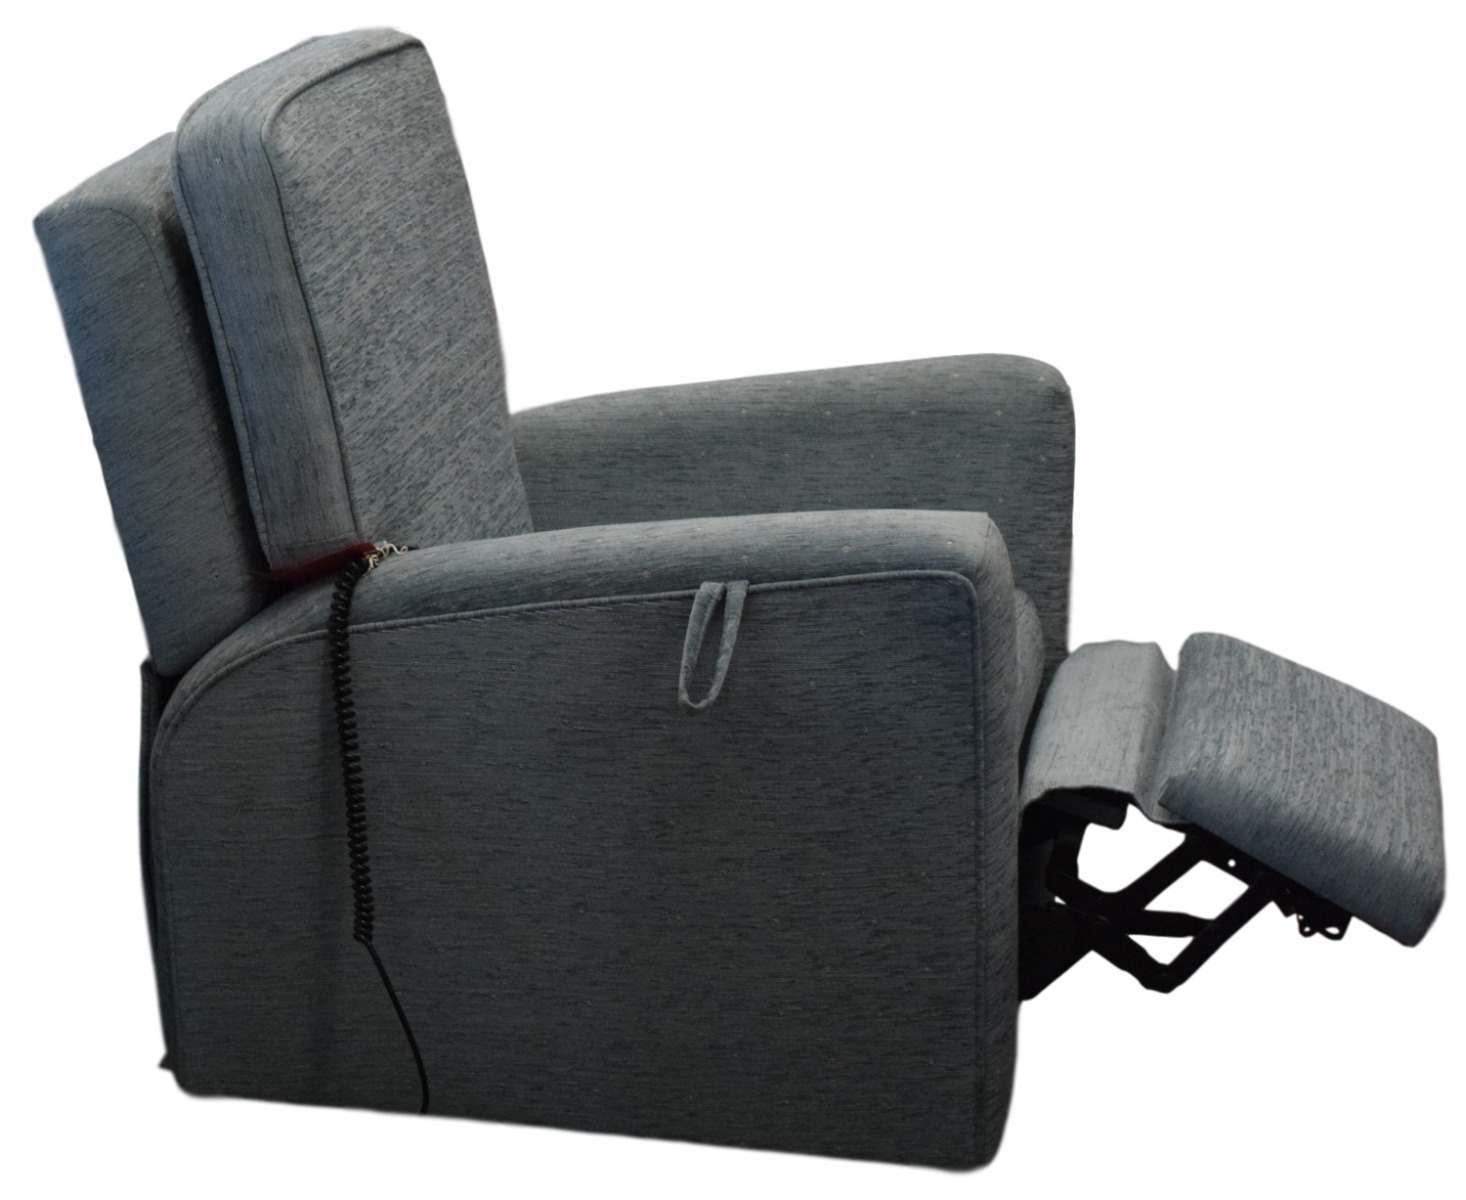 Cool Buckingham Riser Recliner Chair Creativecarmelina Interior Chair Design Creativecarmelinacom